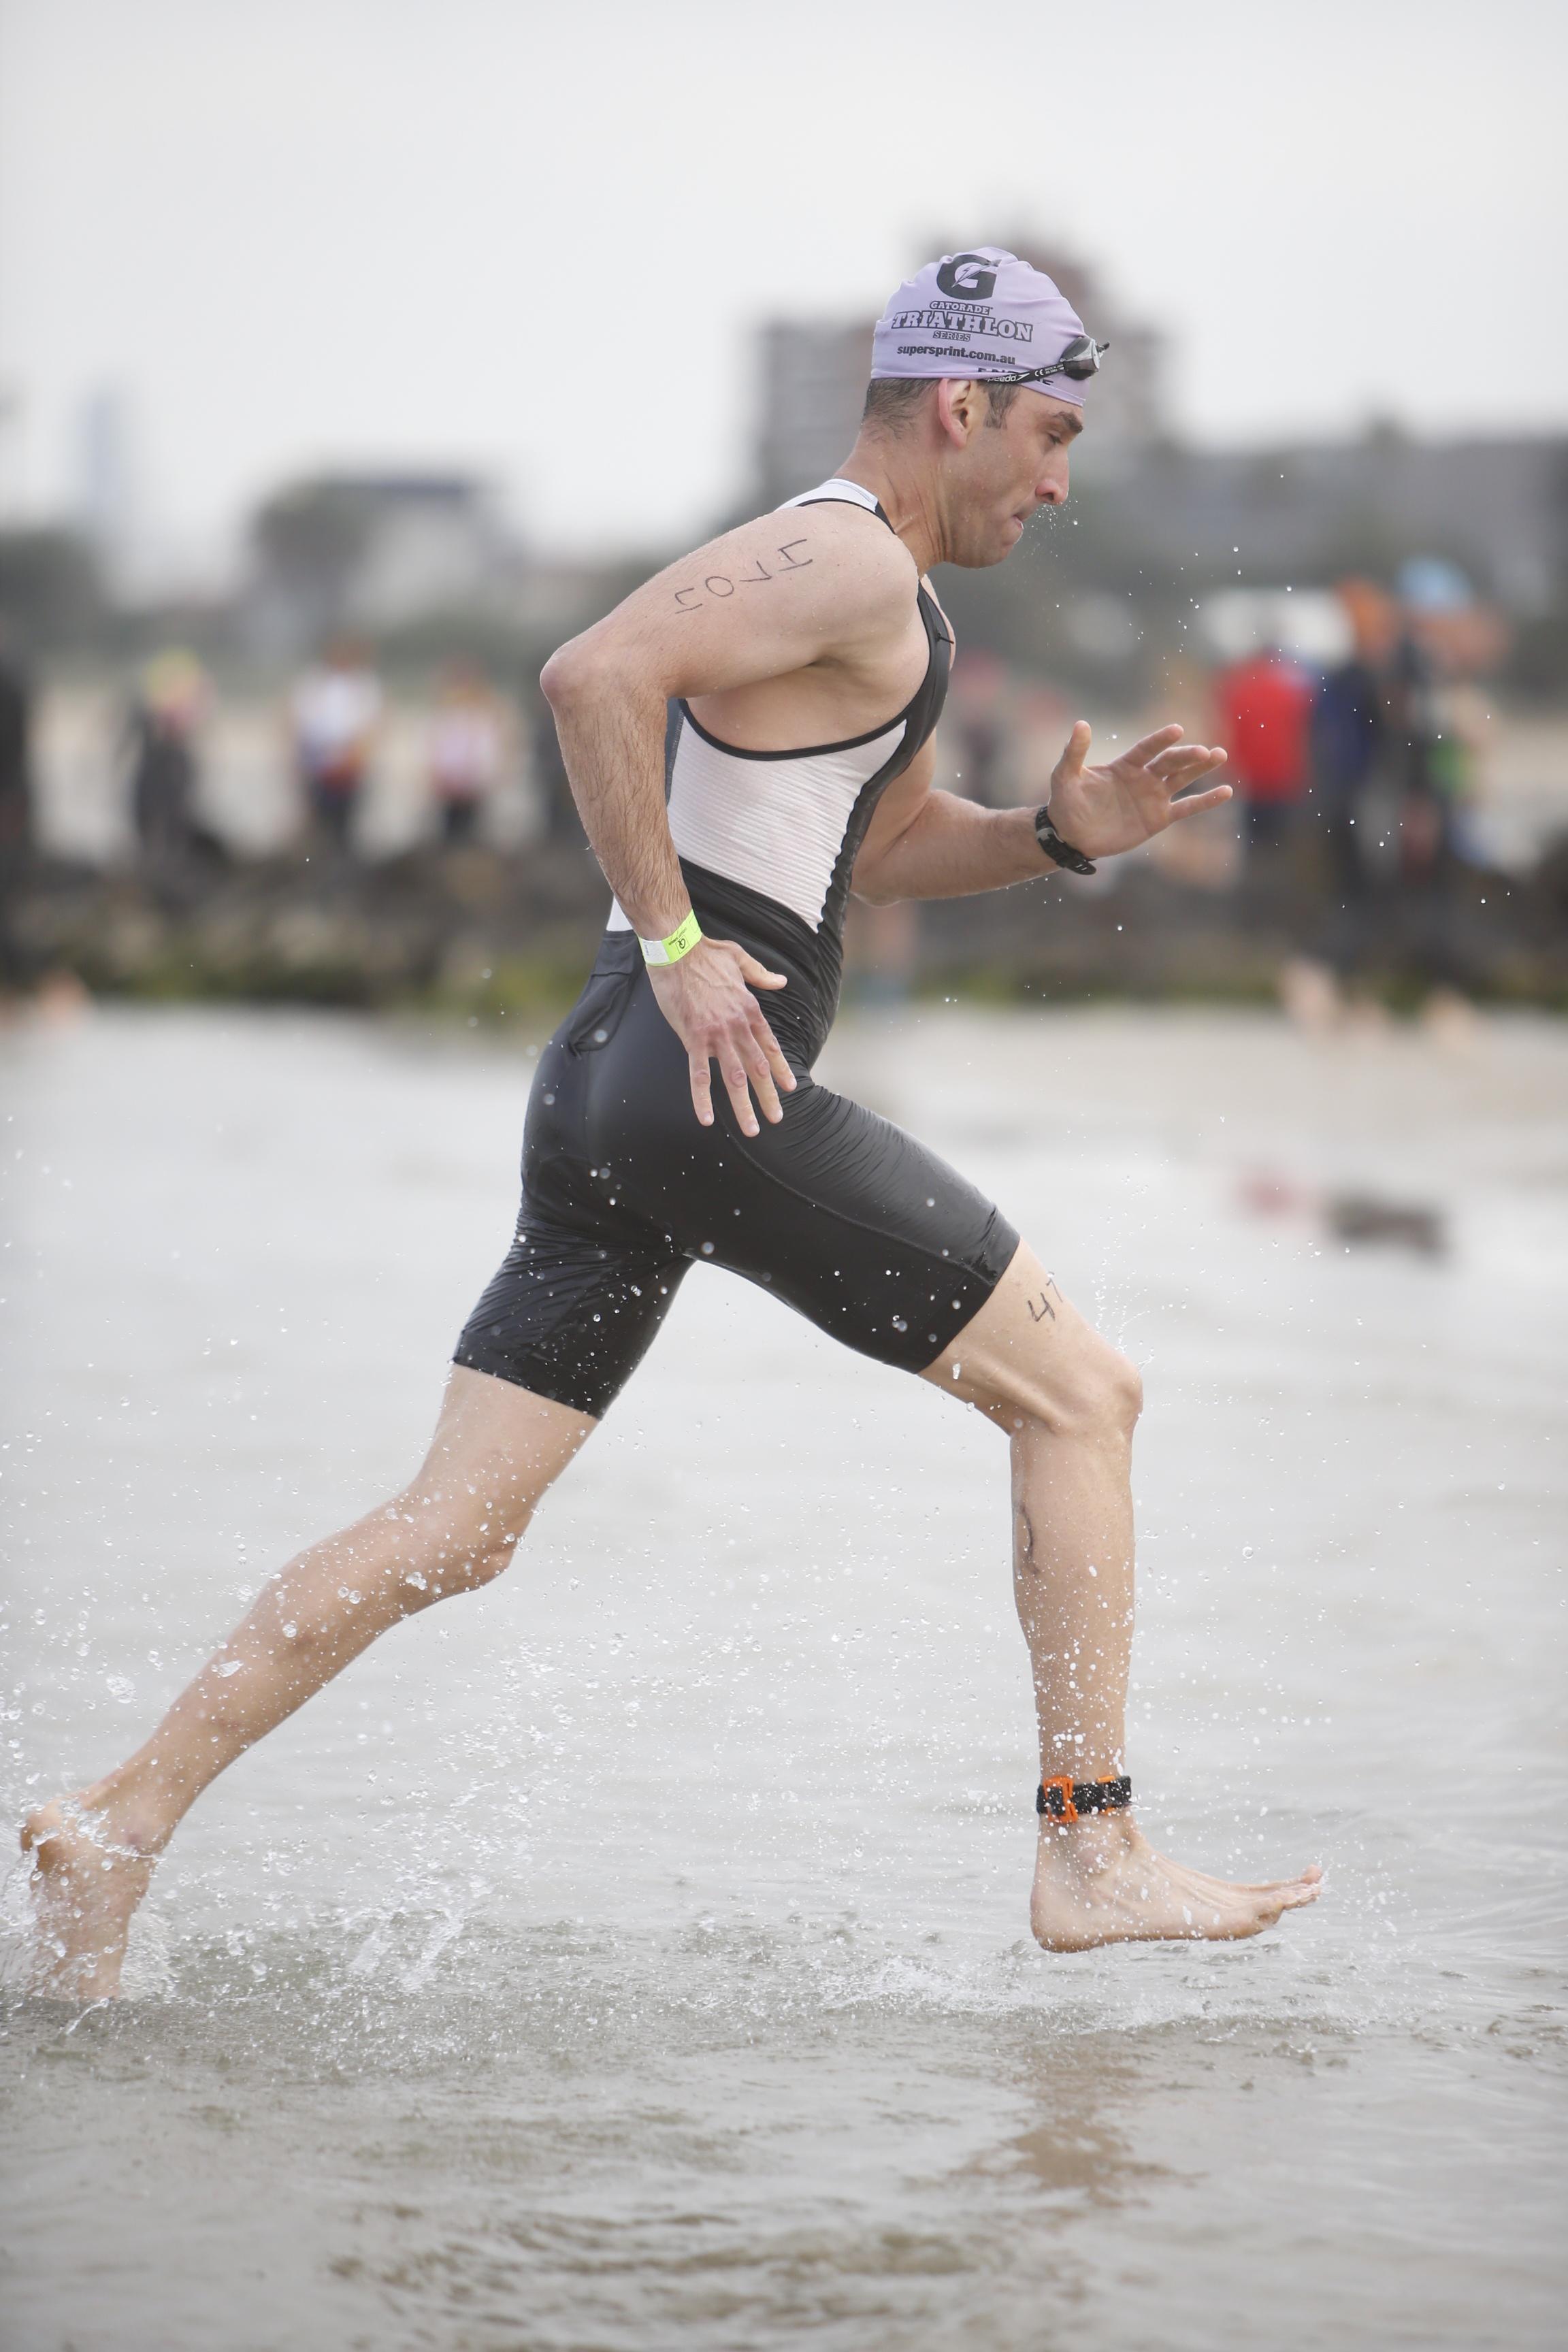 מאמן כושר אישי - ריצה מהמים לחוף טריאתלון מלבורן אוסטרליה